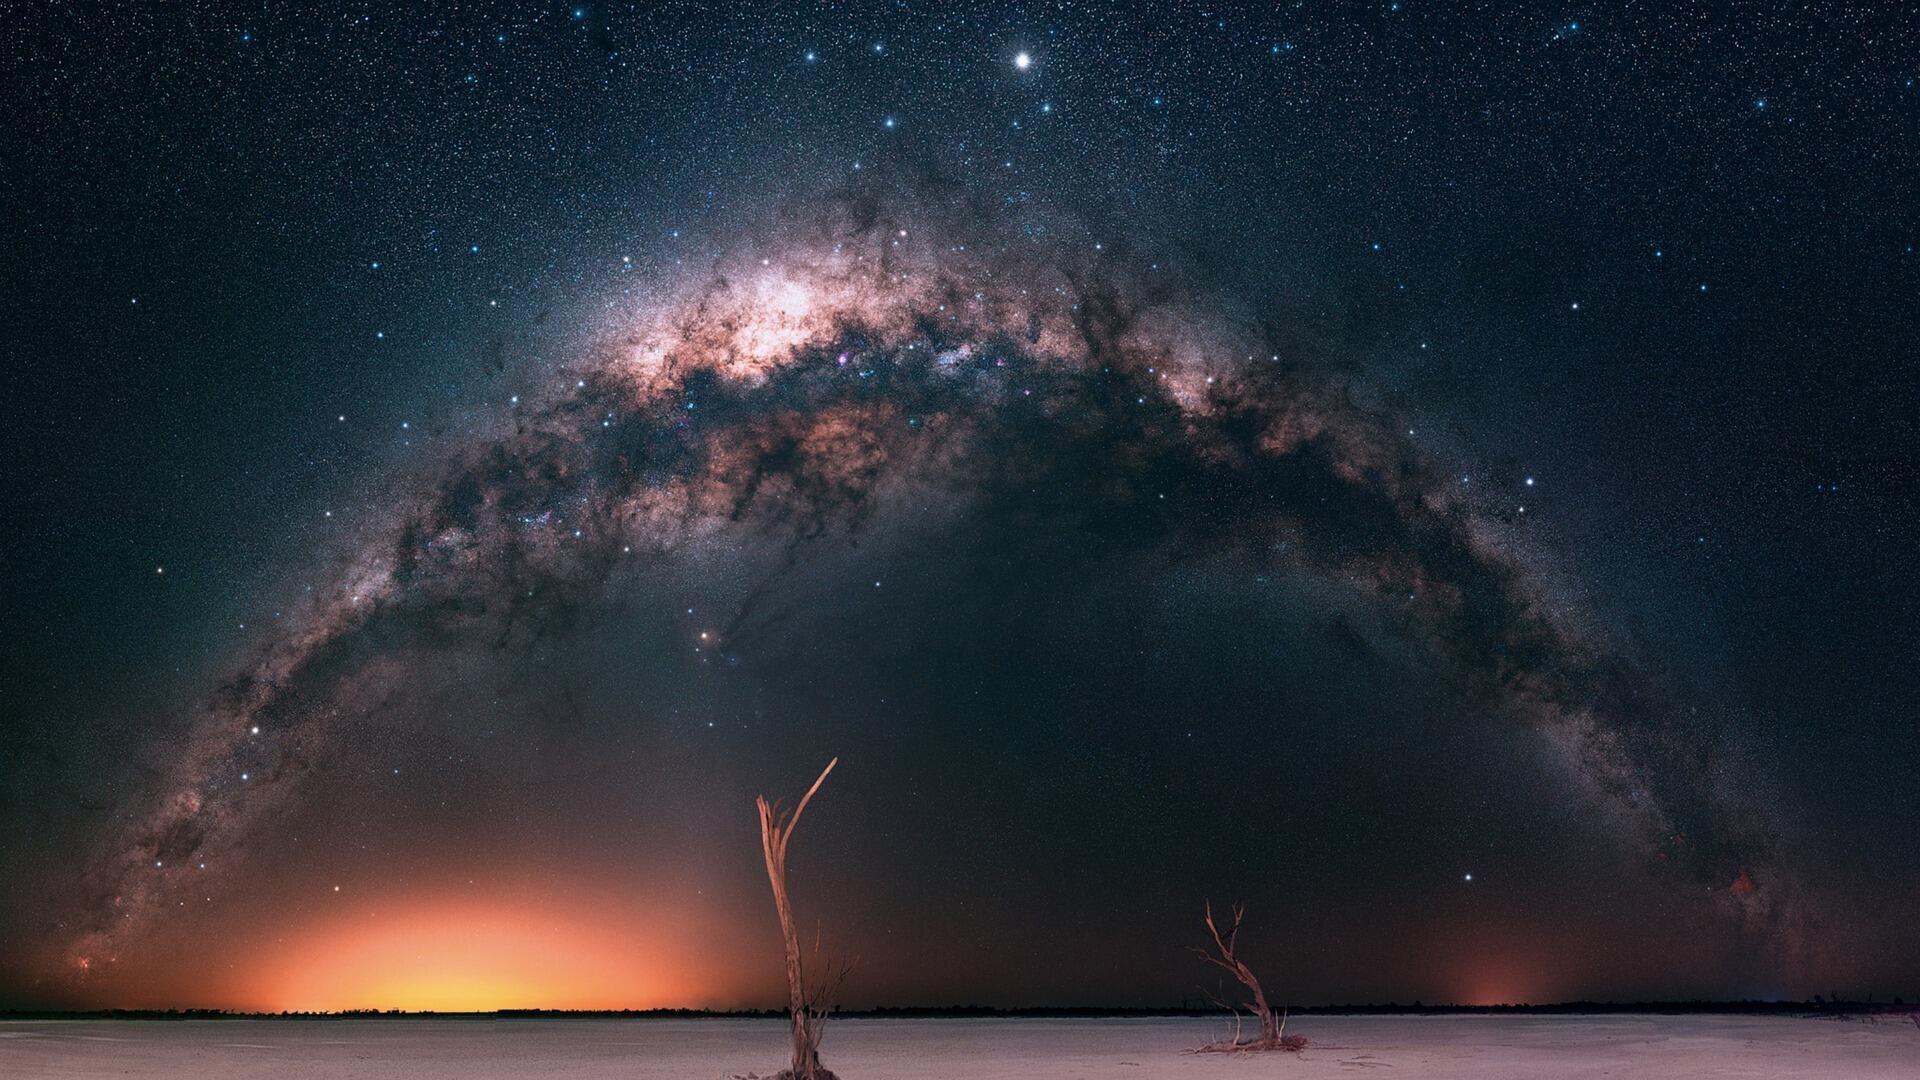 Пейзаж звездного неба Млечный путь - Sputnik Грузия, 1920, 02.09.2021